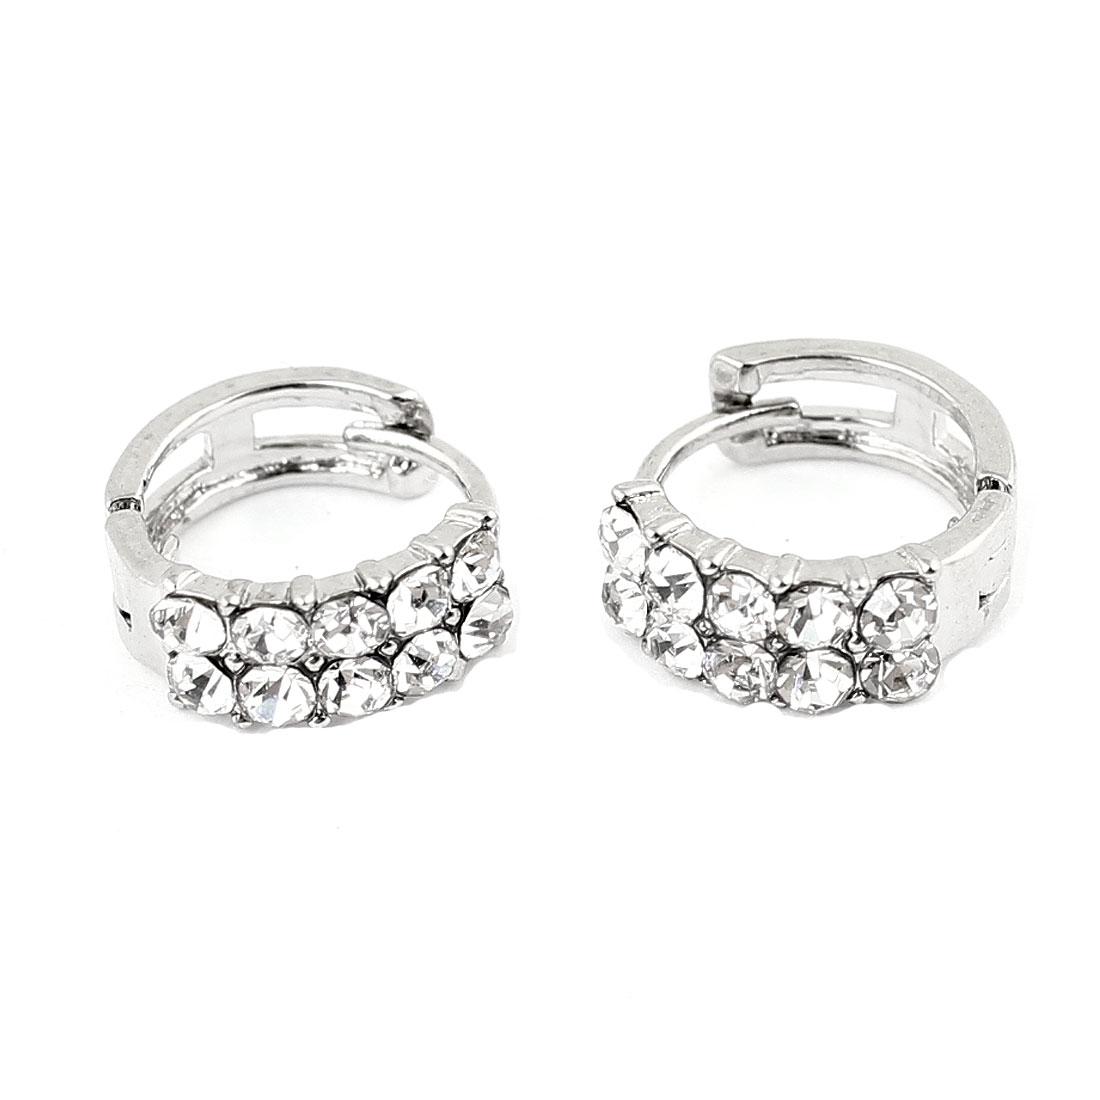 Pair Clear Rhinestone Inlaid Huggie Hoop Silver Tone Earrings for Ladies